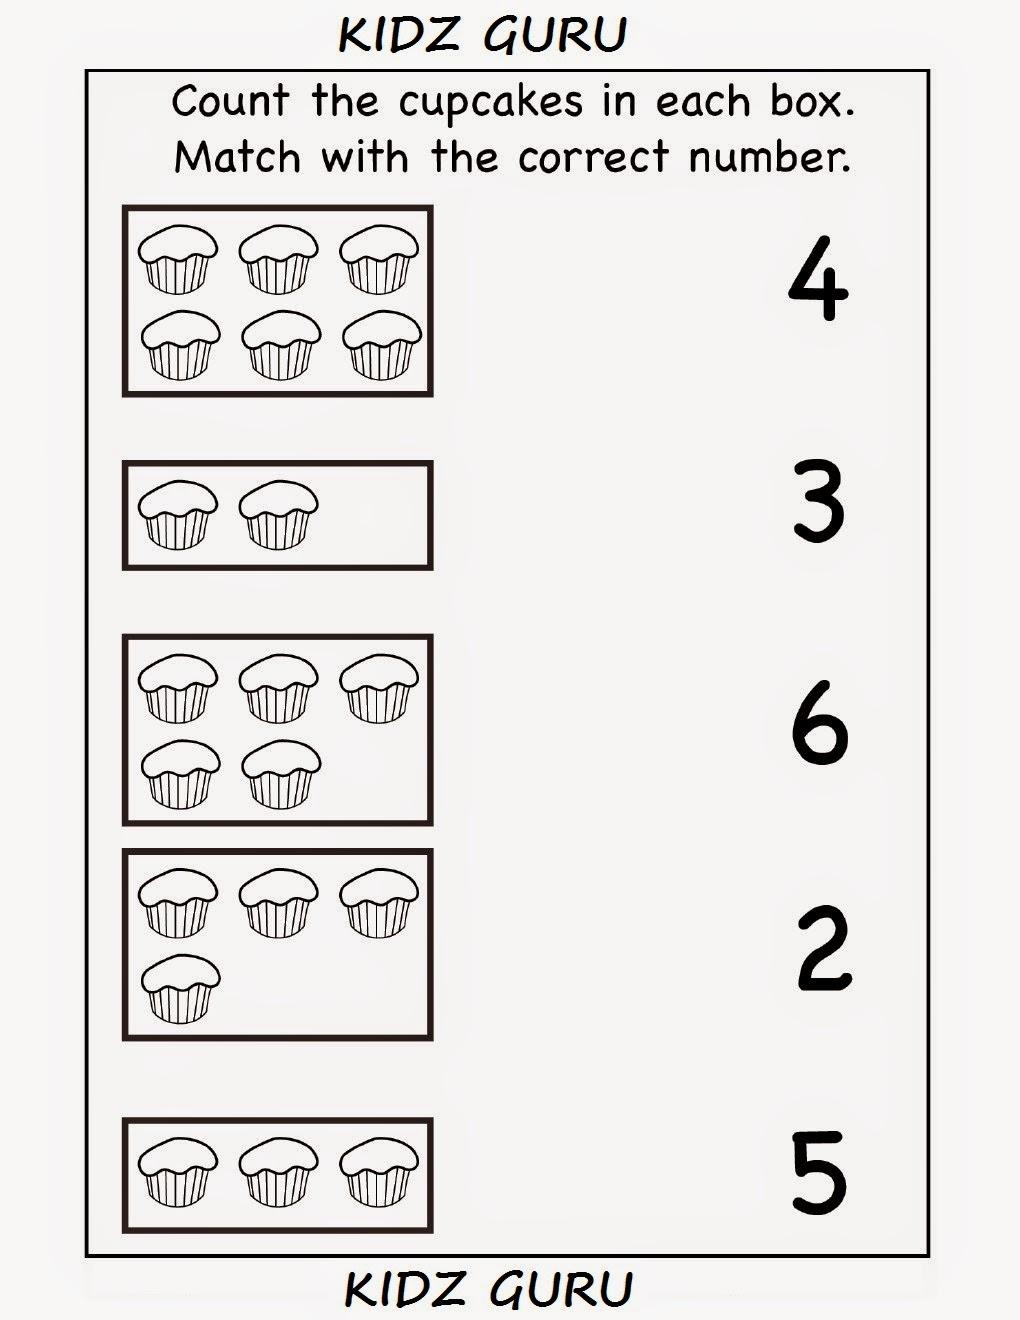 Worksheets Kindergarten Matching Worksheets kindergarten worksheets printable count and match match